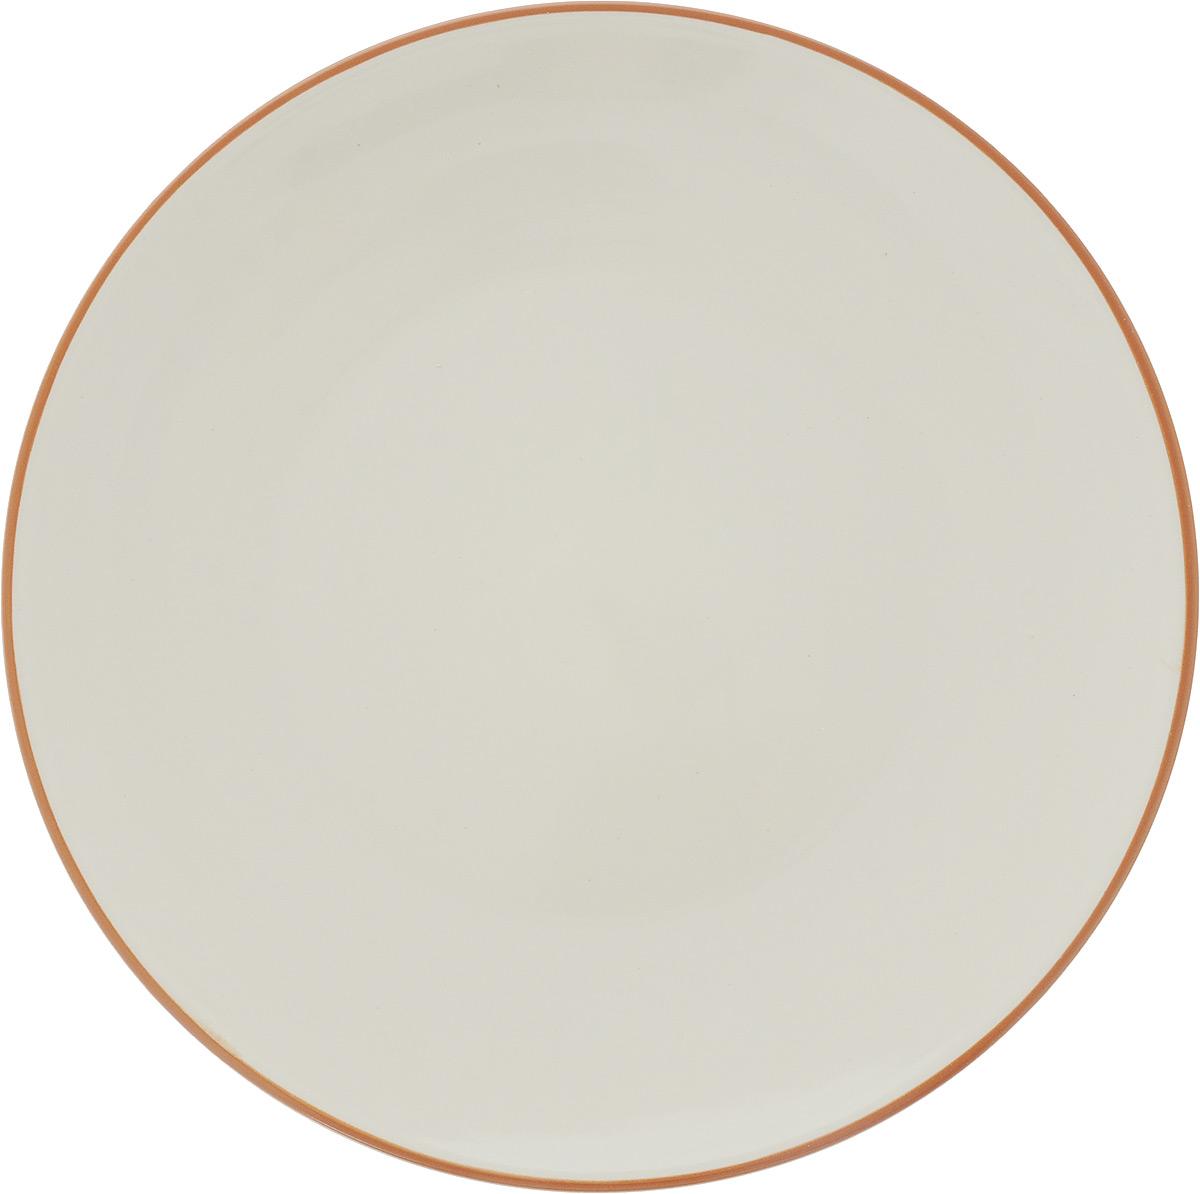 Тарелка обеденная Ломоносовская керамика, диаметр 24 см115510Обеденная тарелка Ломоносовская керамика изготовлена из глины. Тарелка Ломоносовская керамика впишется в любой интерьер современной кухни и станет отличным подарком для вас и ваших близких.Диаметр тарелки: 24 см. Высота: 2 см.